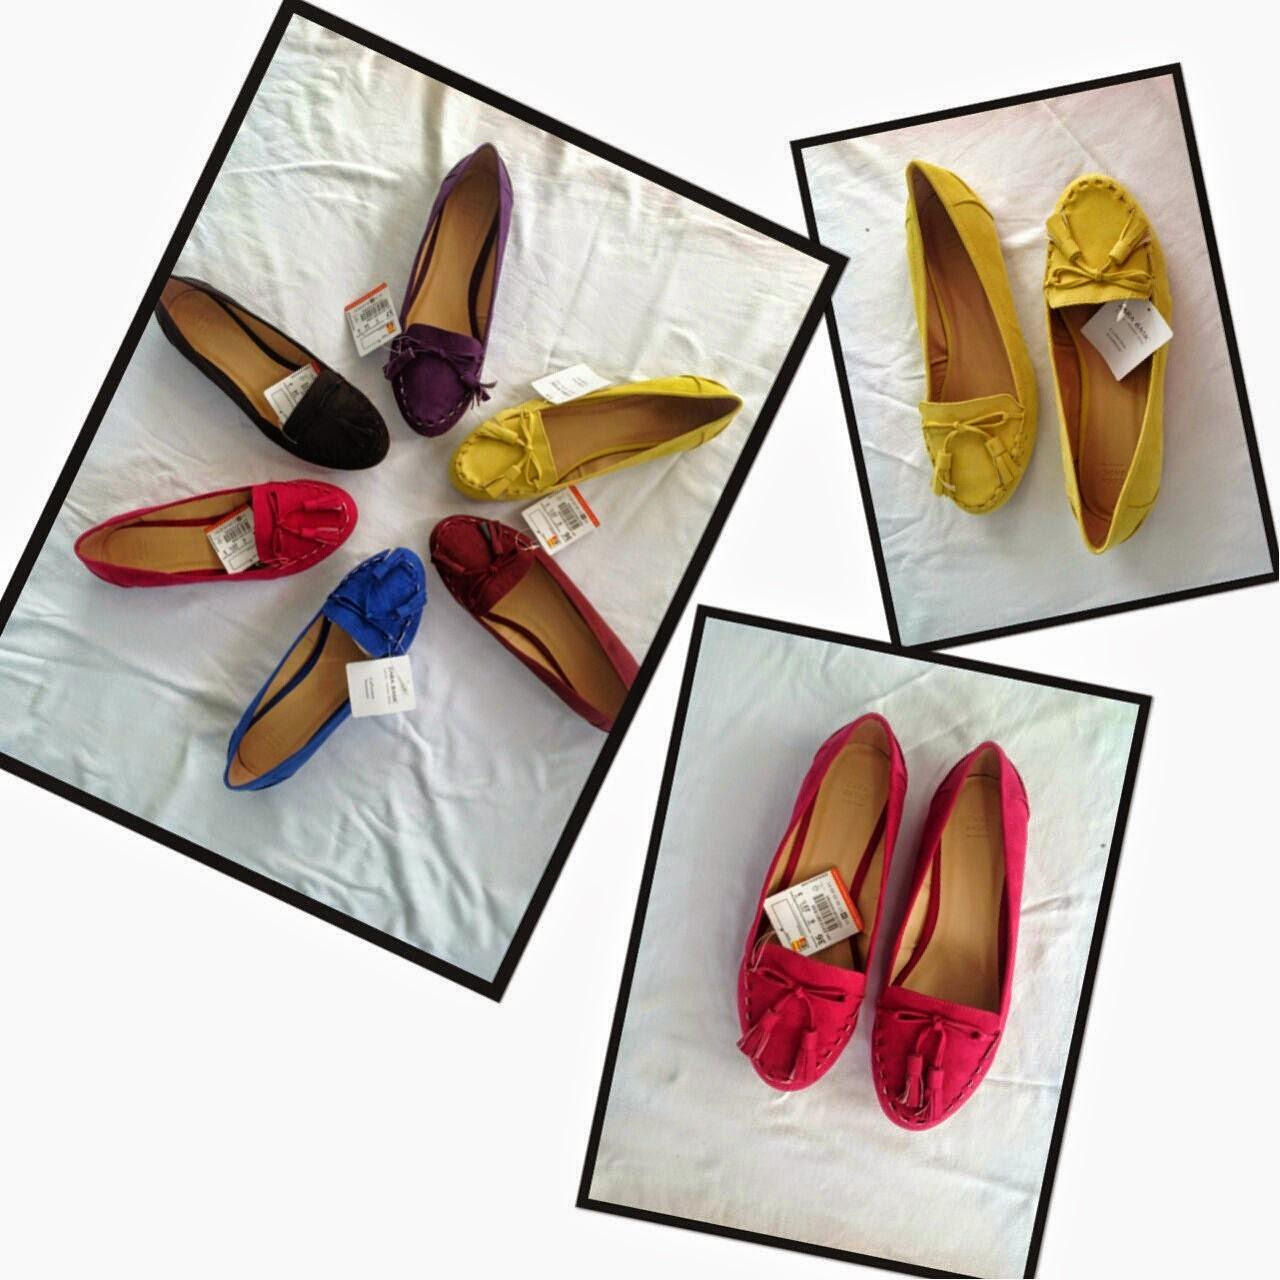 Nơi bán buôn giày dép VNXK tại HN